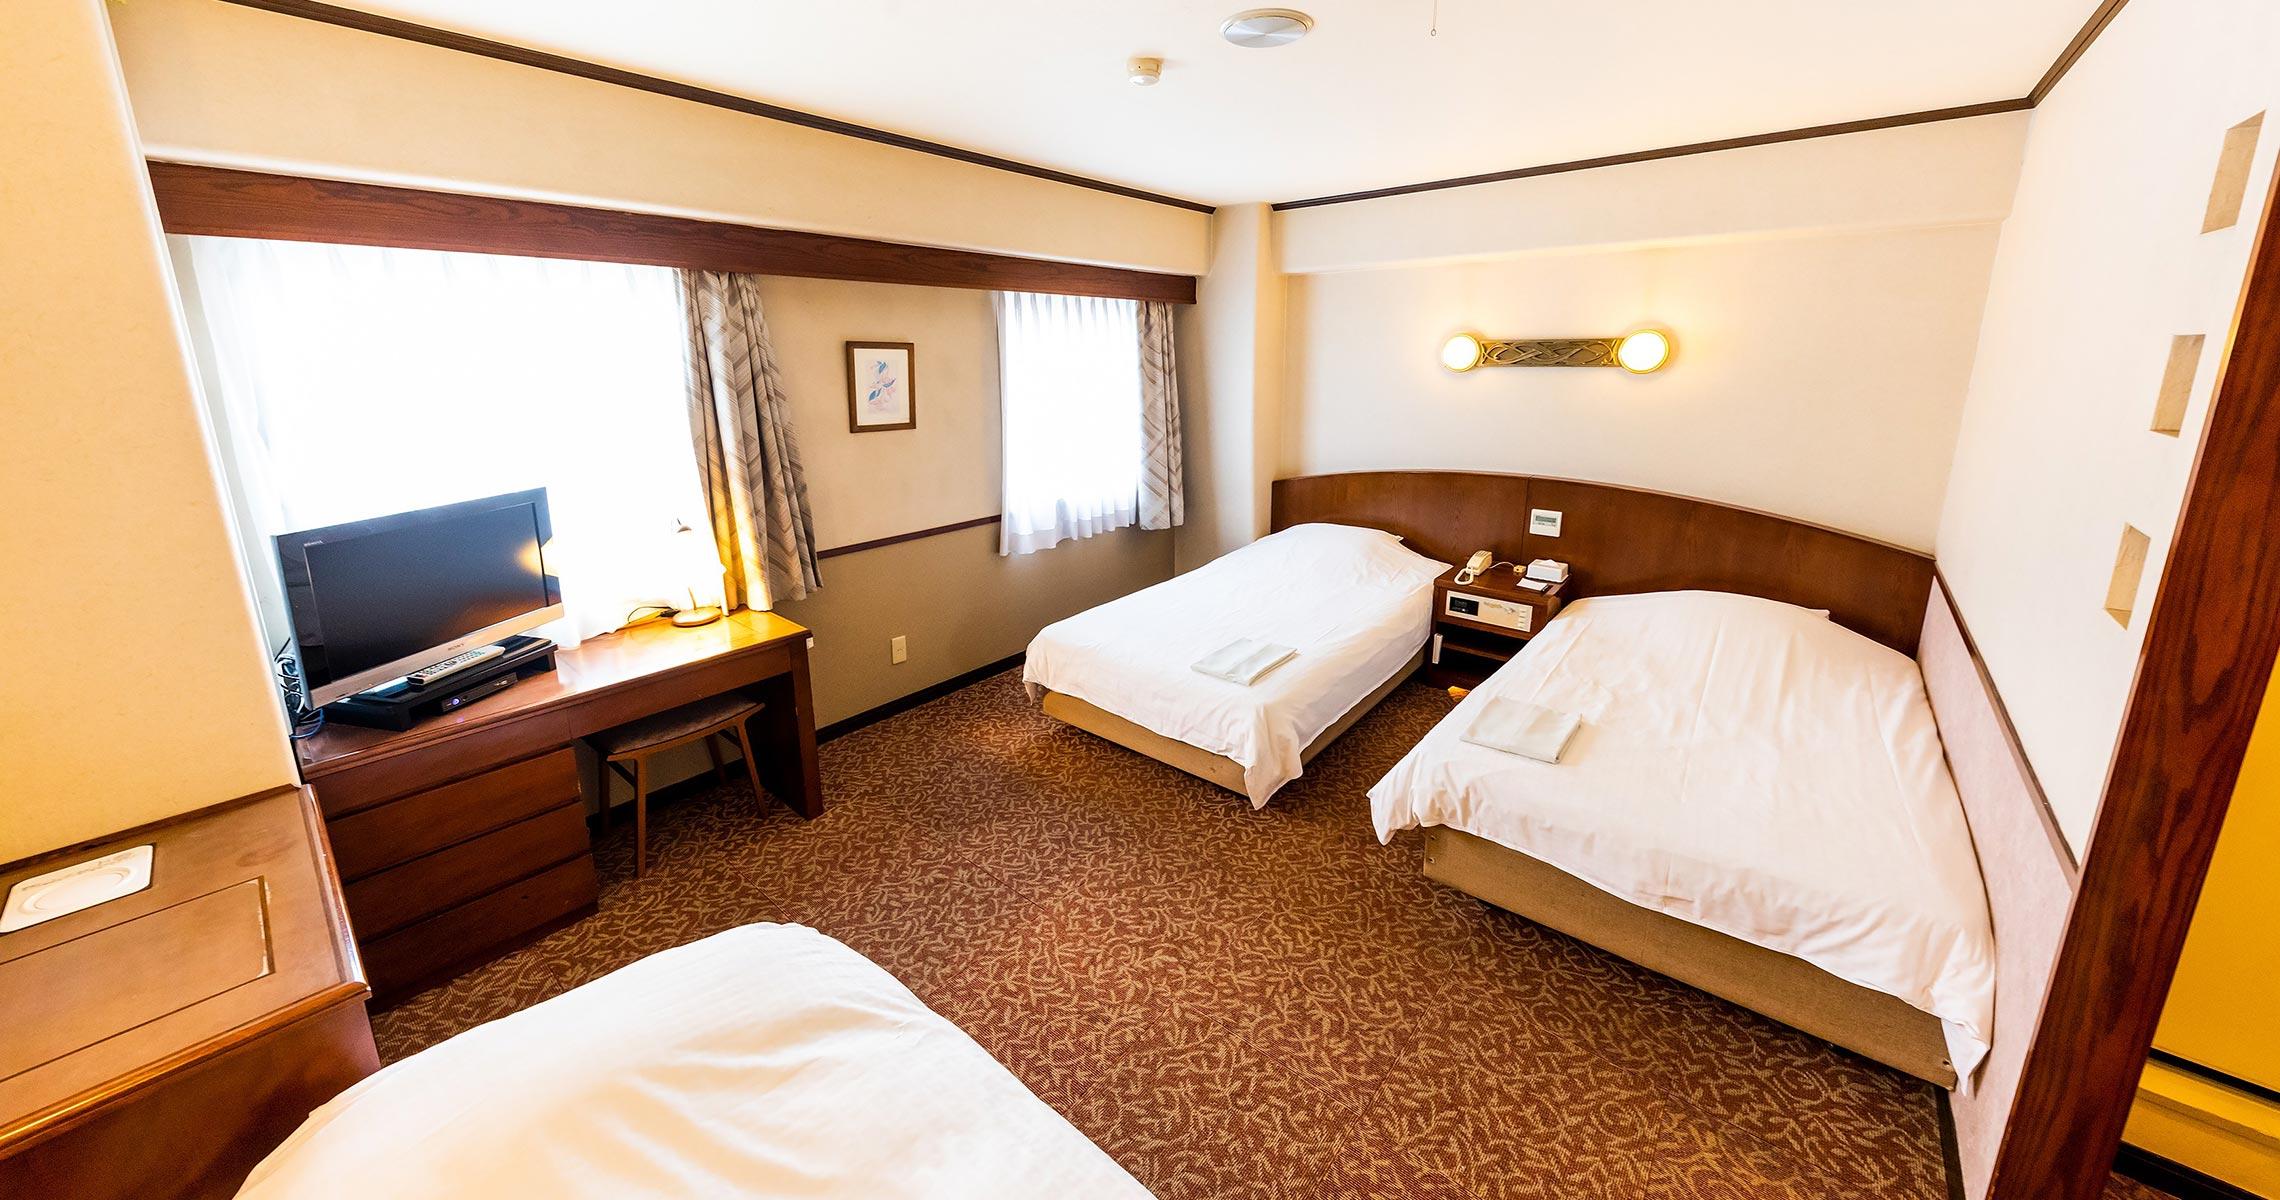 オリエントホテル高知 客室の写真